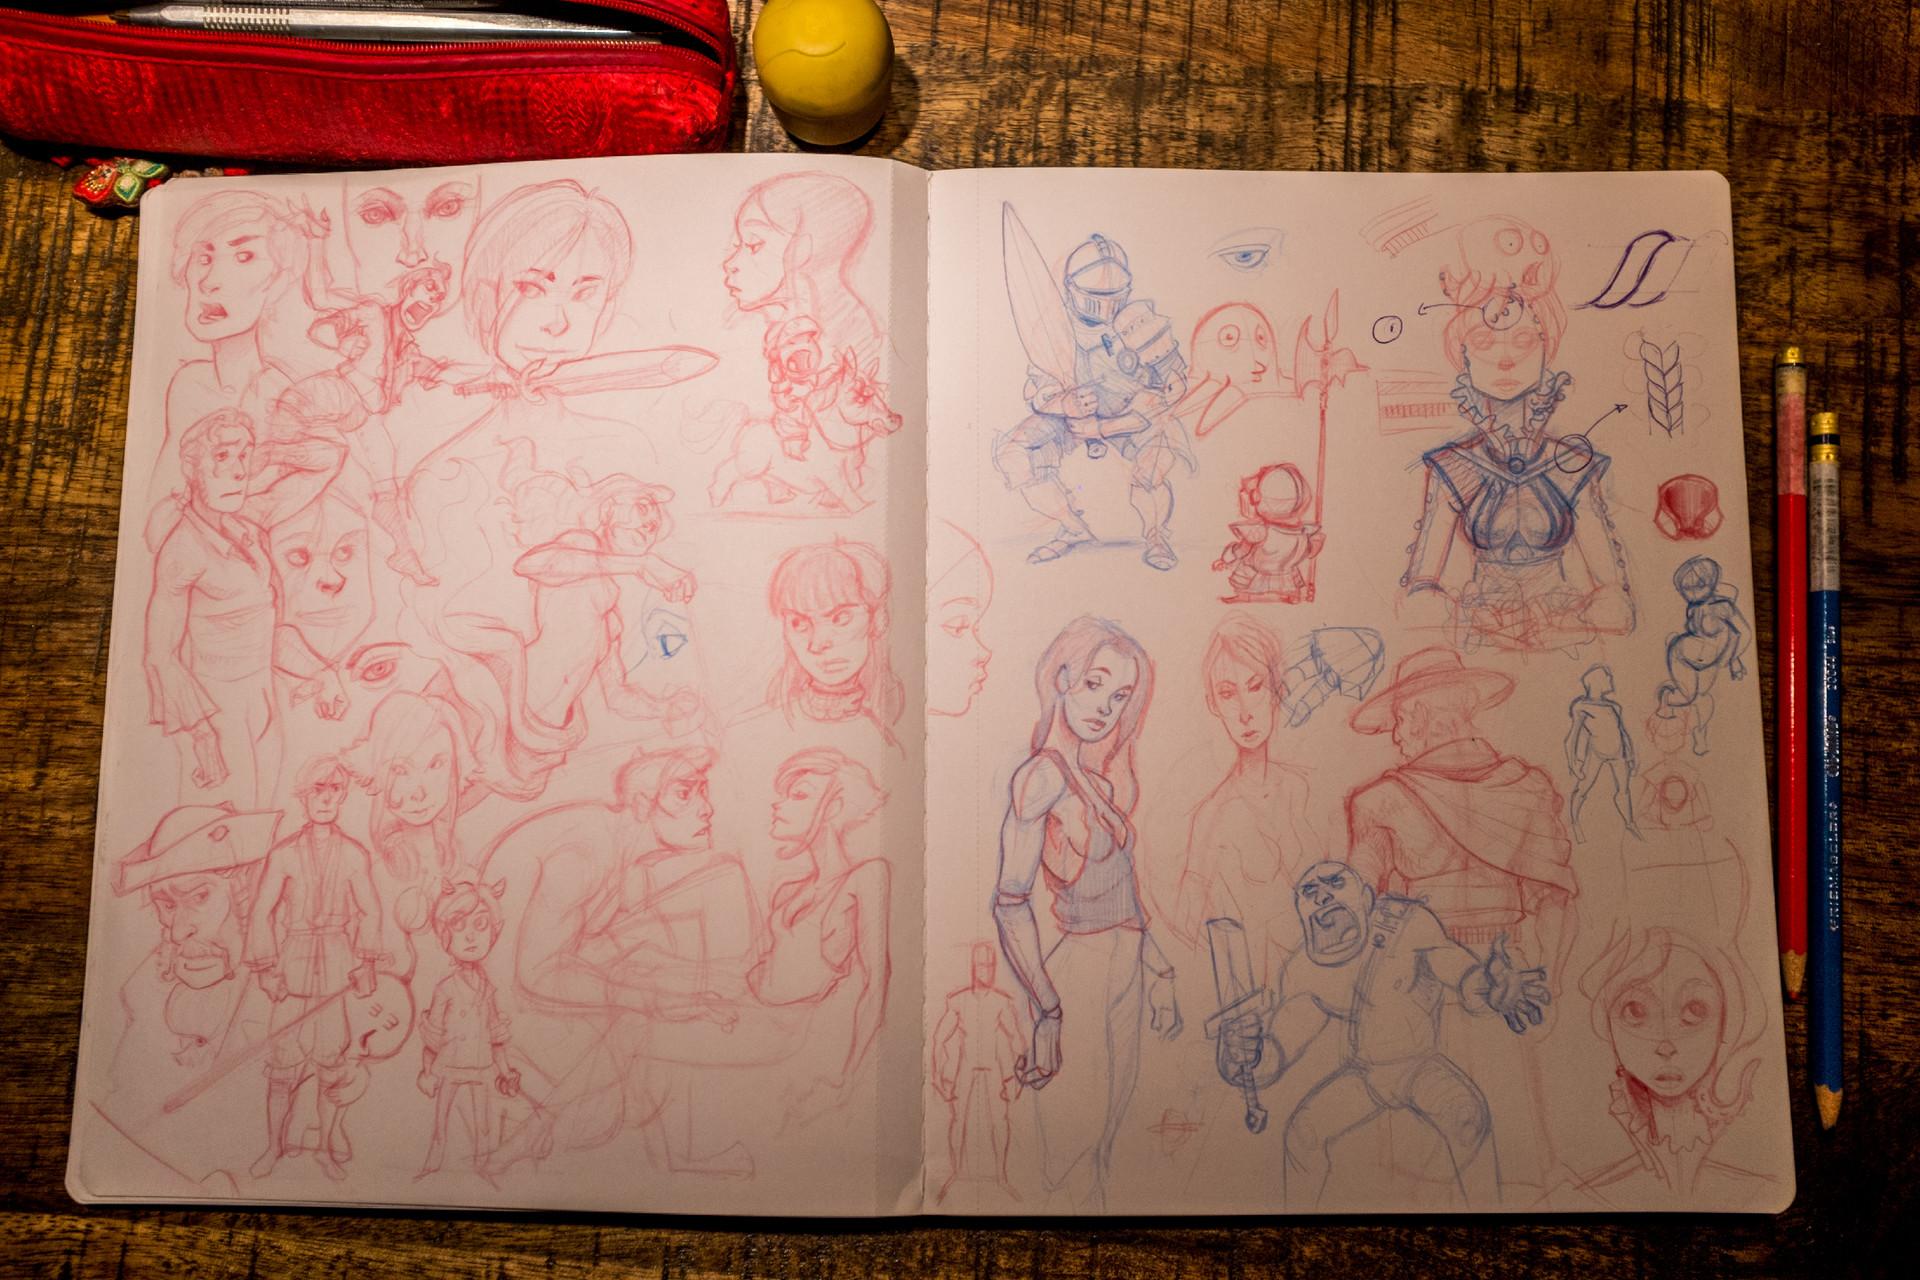 Vincent derozier vincent derozier drawings 11